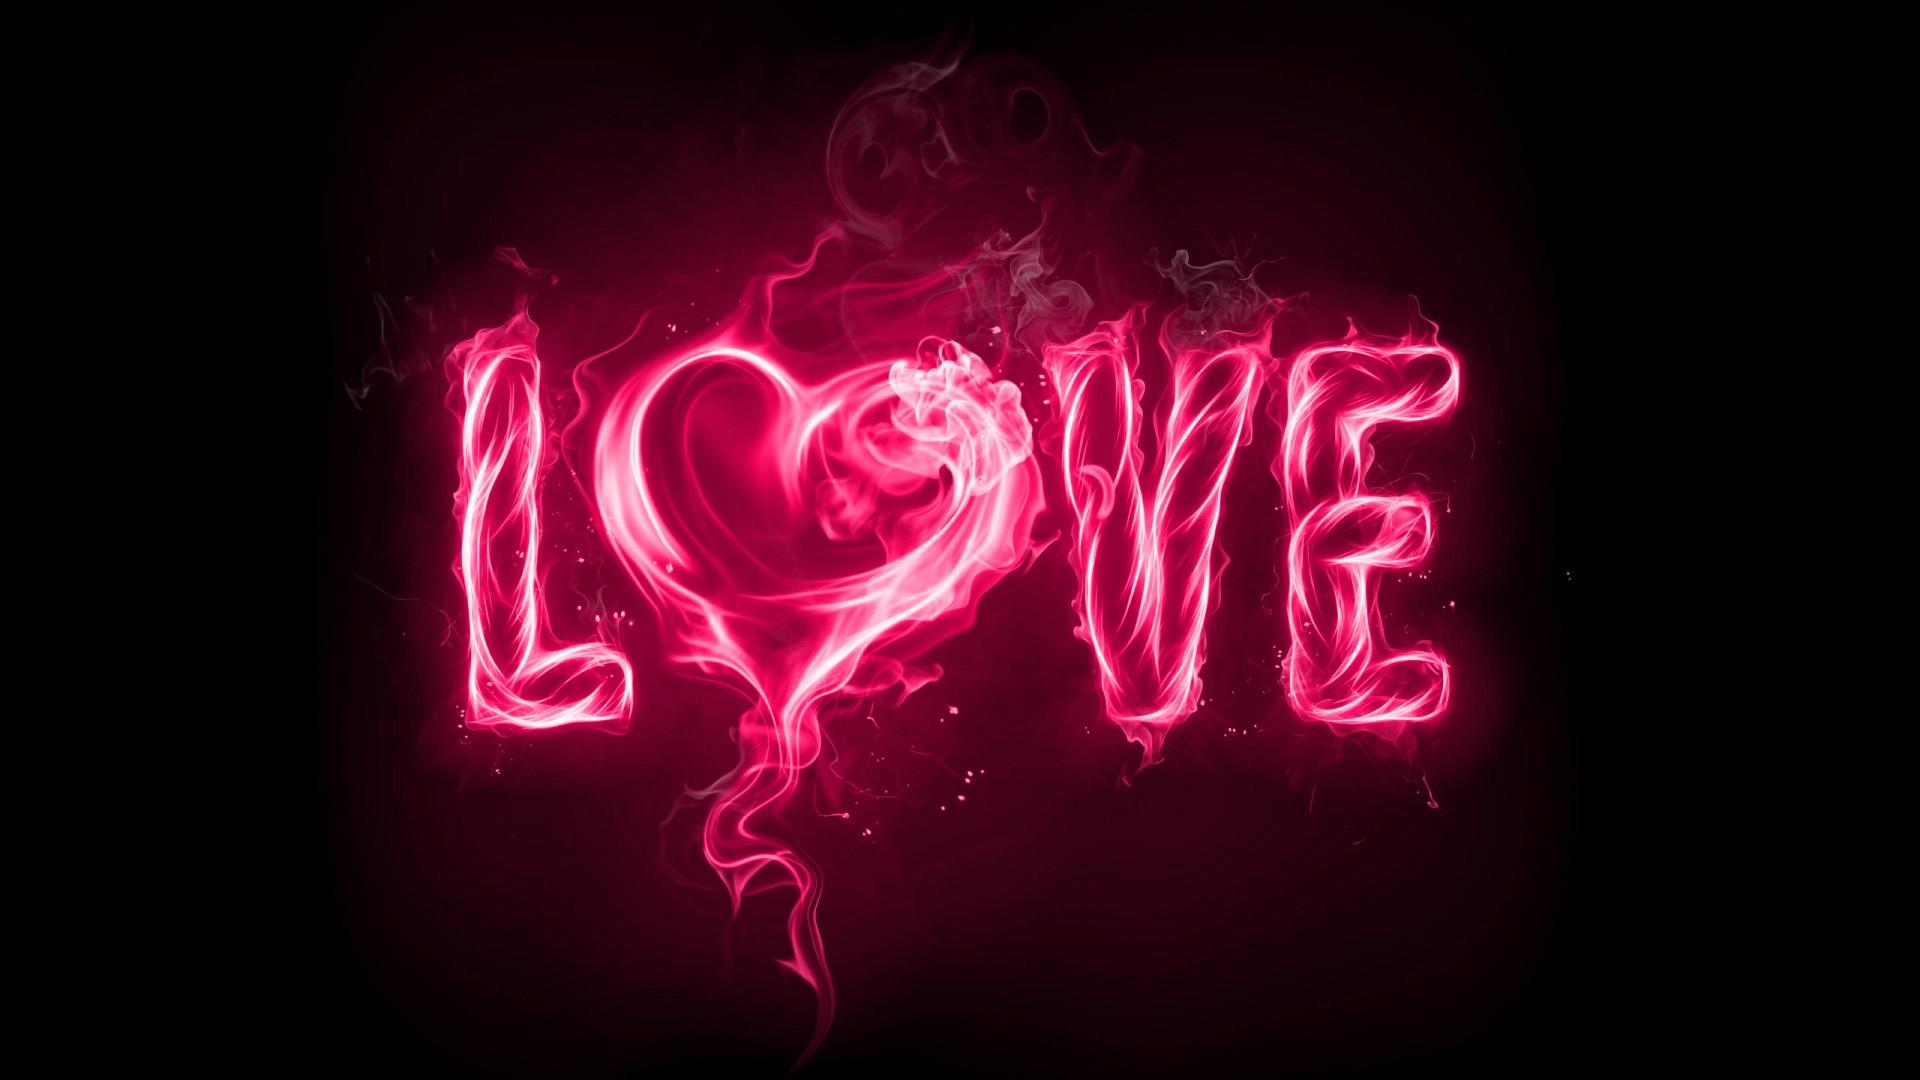 Love Pink HD Wallpapers Desktop WallpaperToon Imagenes 1920x1080